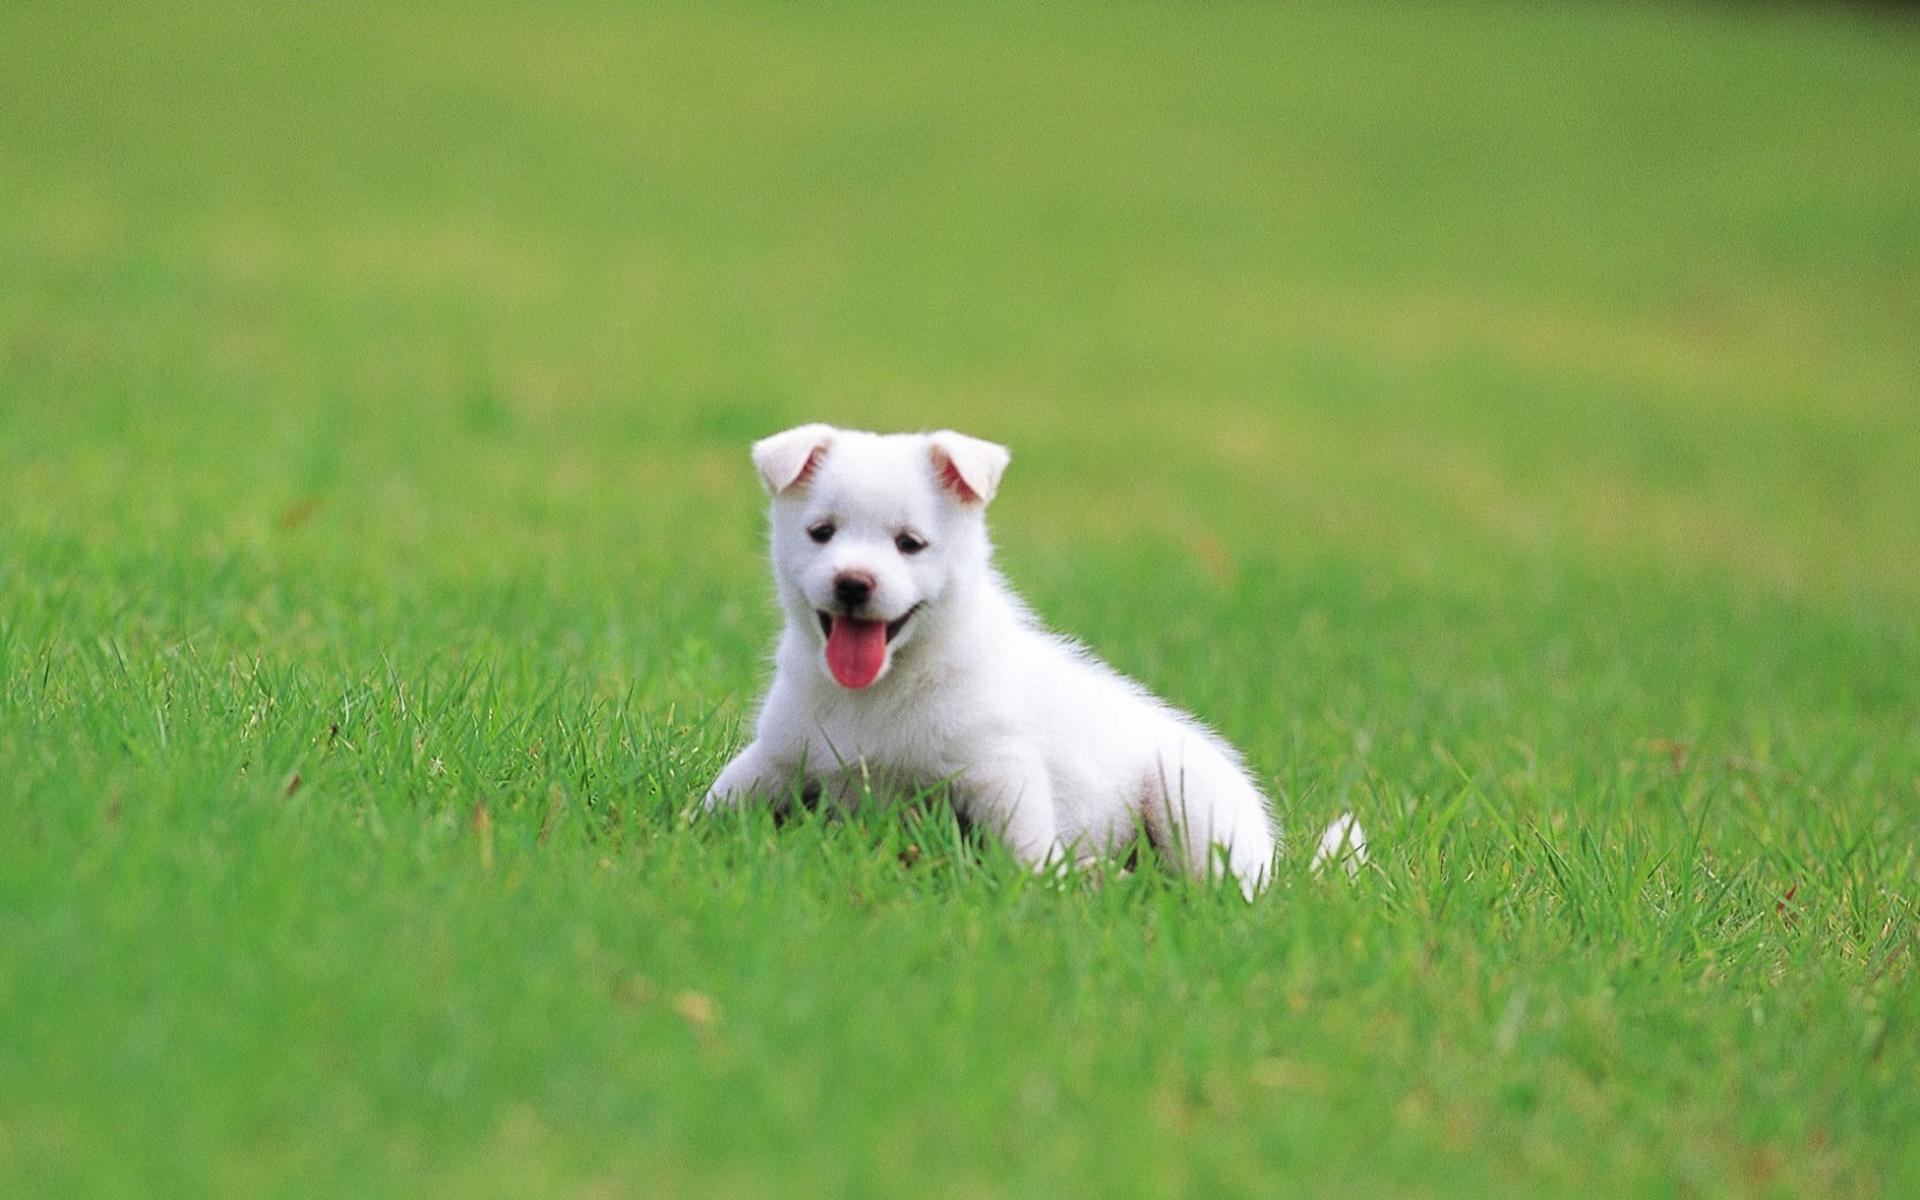 пес на лужайке загрузить